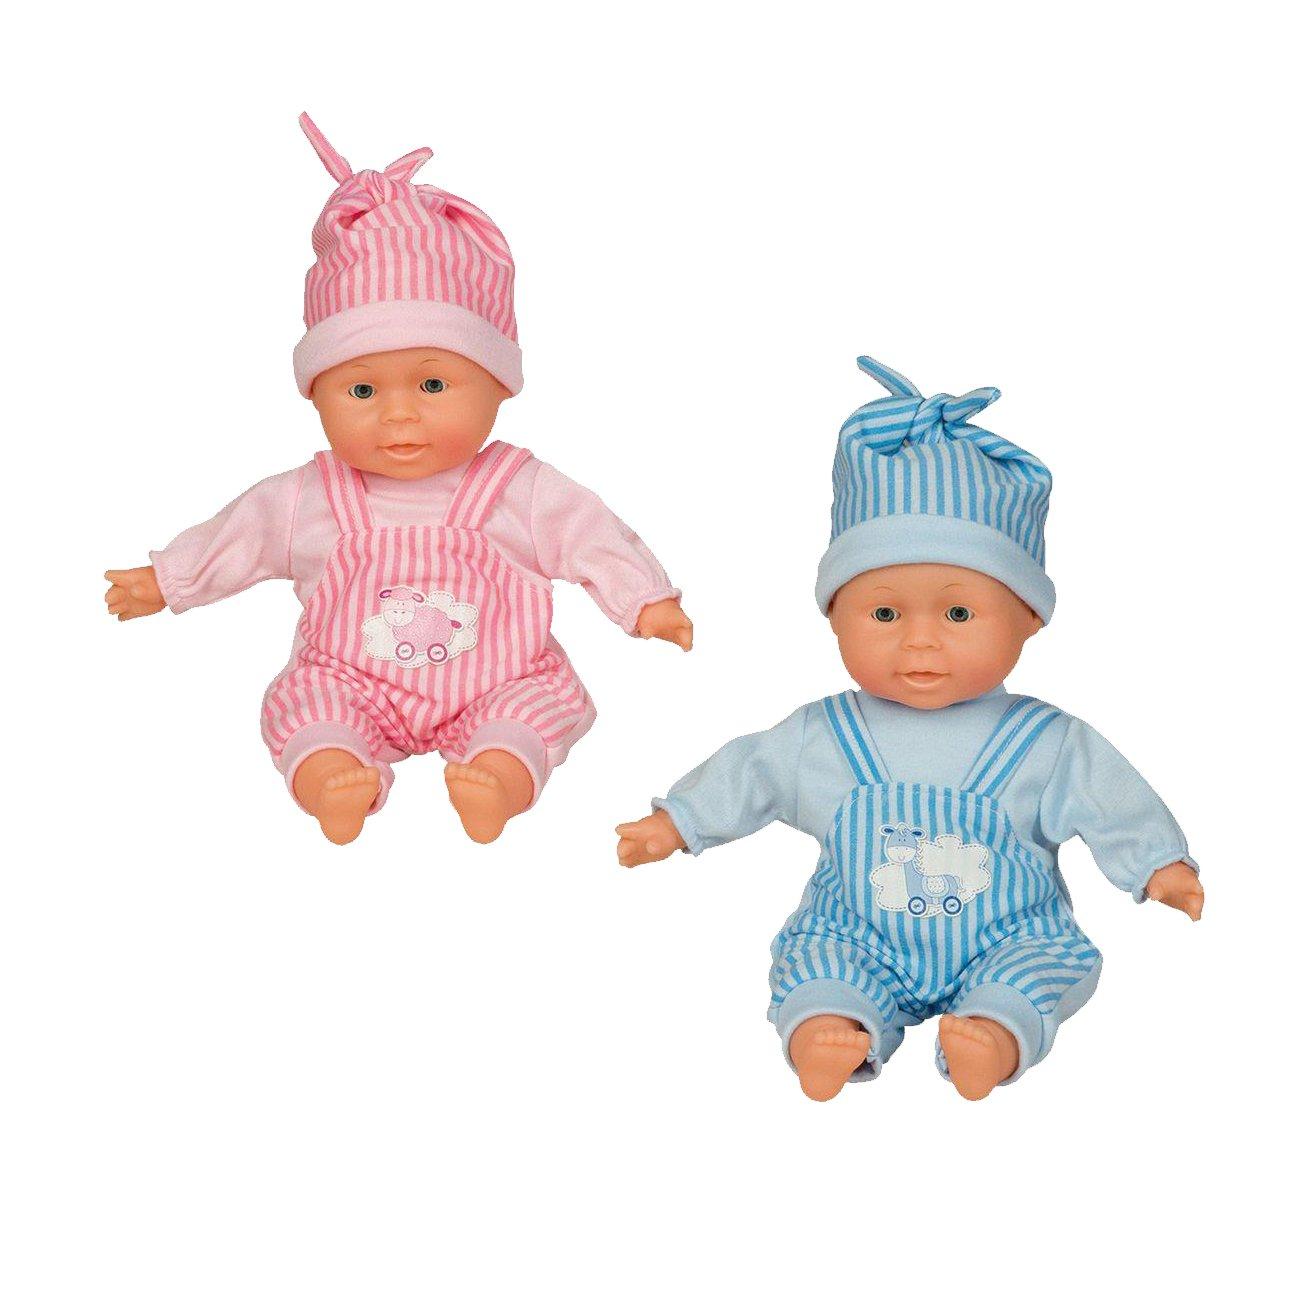 Spielzeug Babypuppen & Zubehör Weichkörper-puppe Mit Schlafaugen.